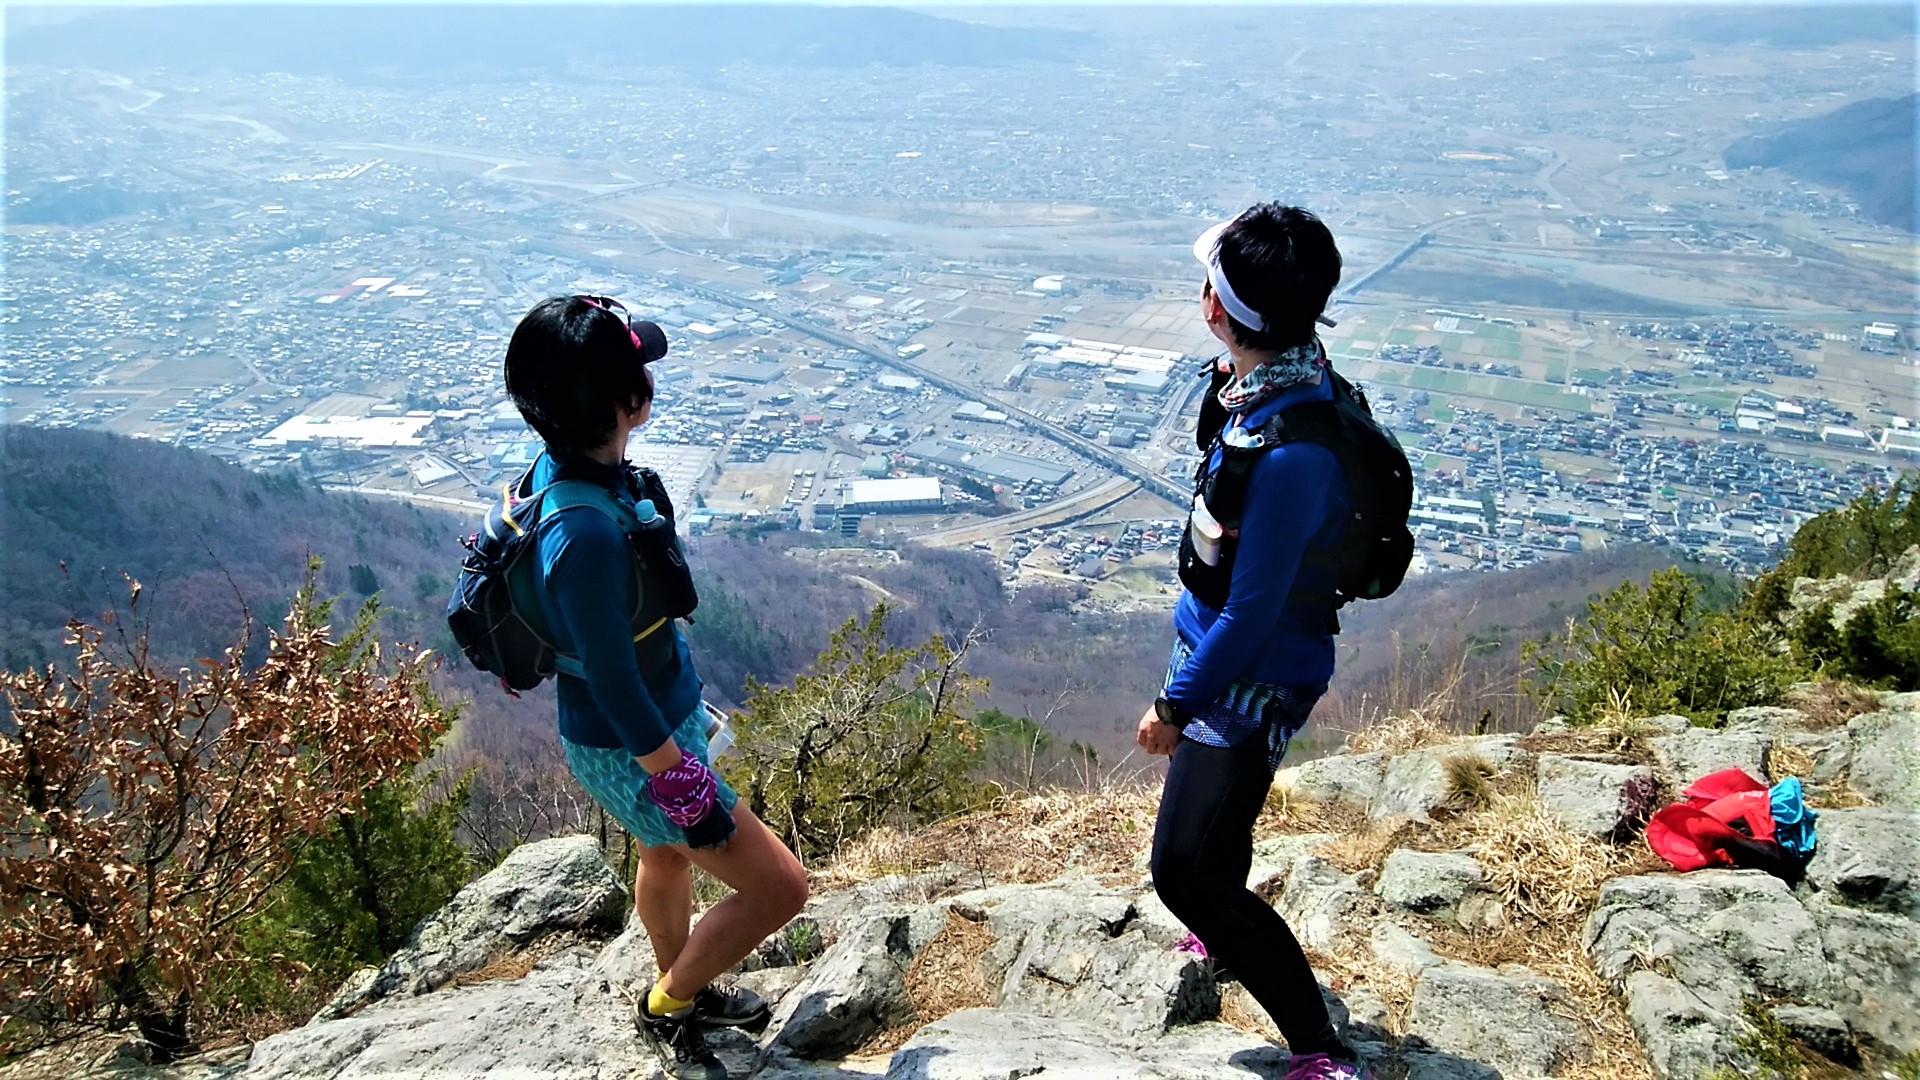 断崖絶壁の兎峰(うさぎみね)より上田市街地を望む